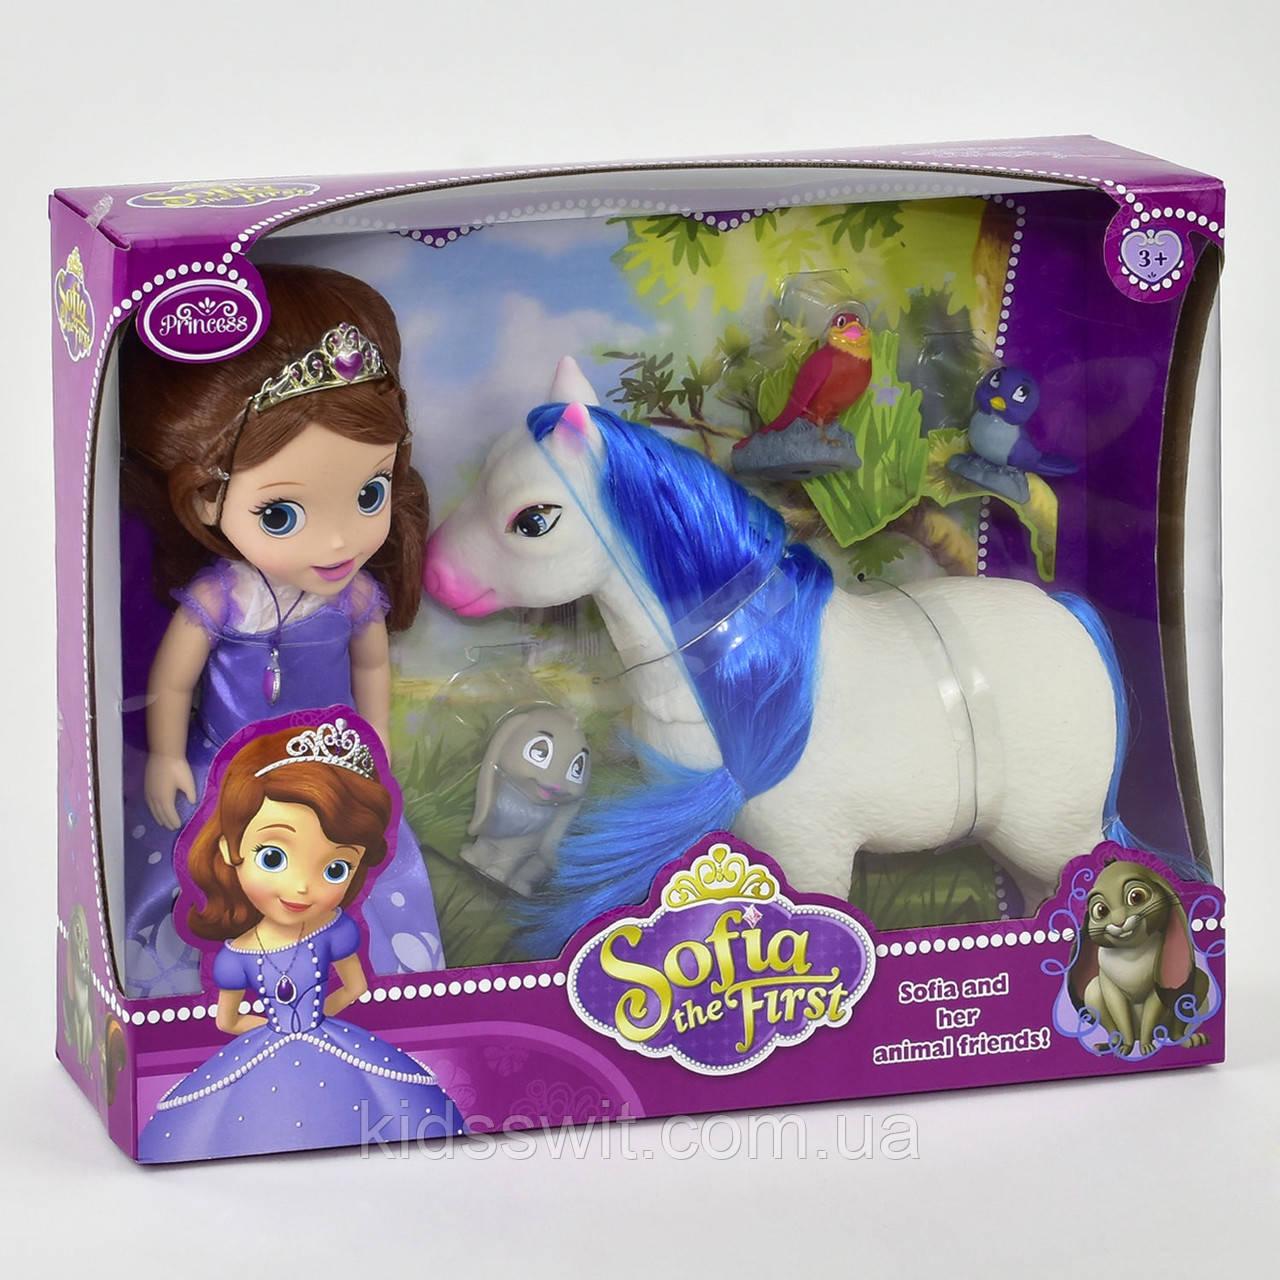 Кукла принцесса София с лошадкой с питомцами, ZT 8820